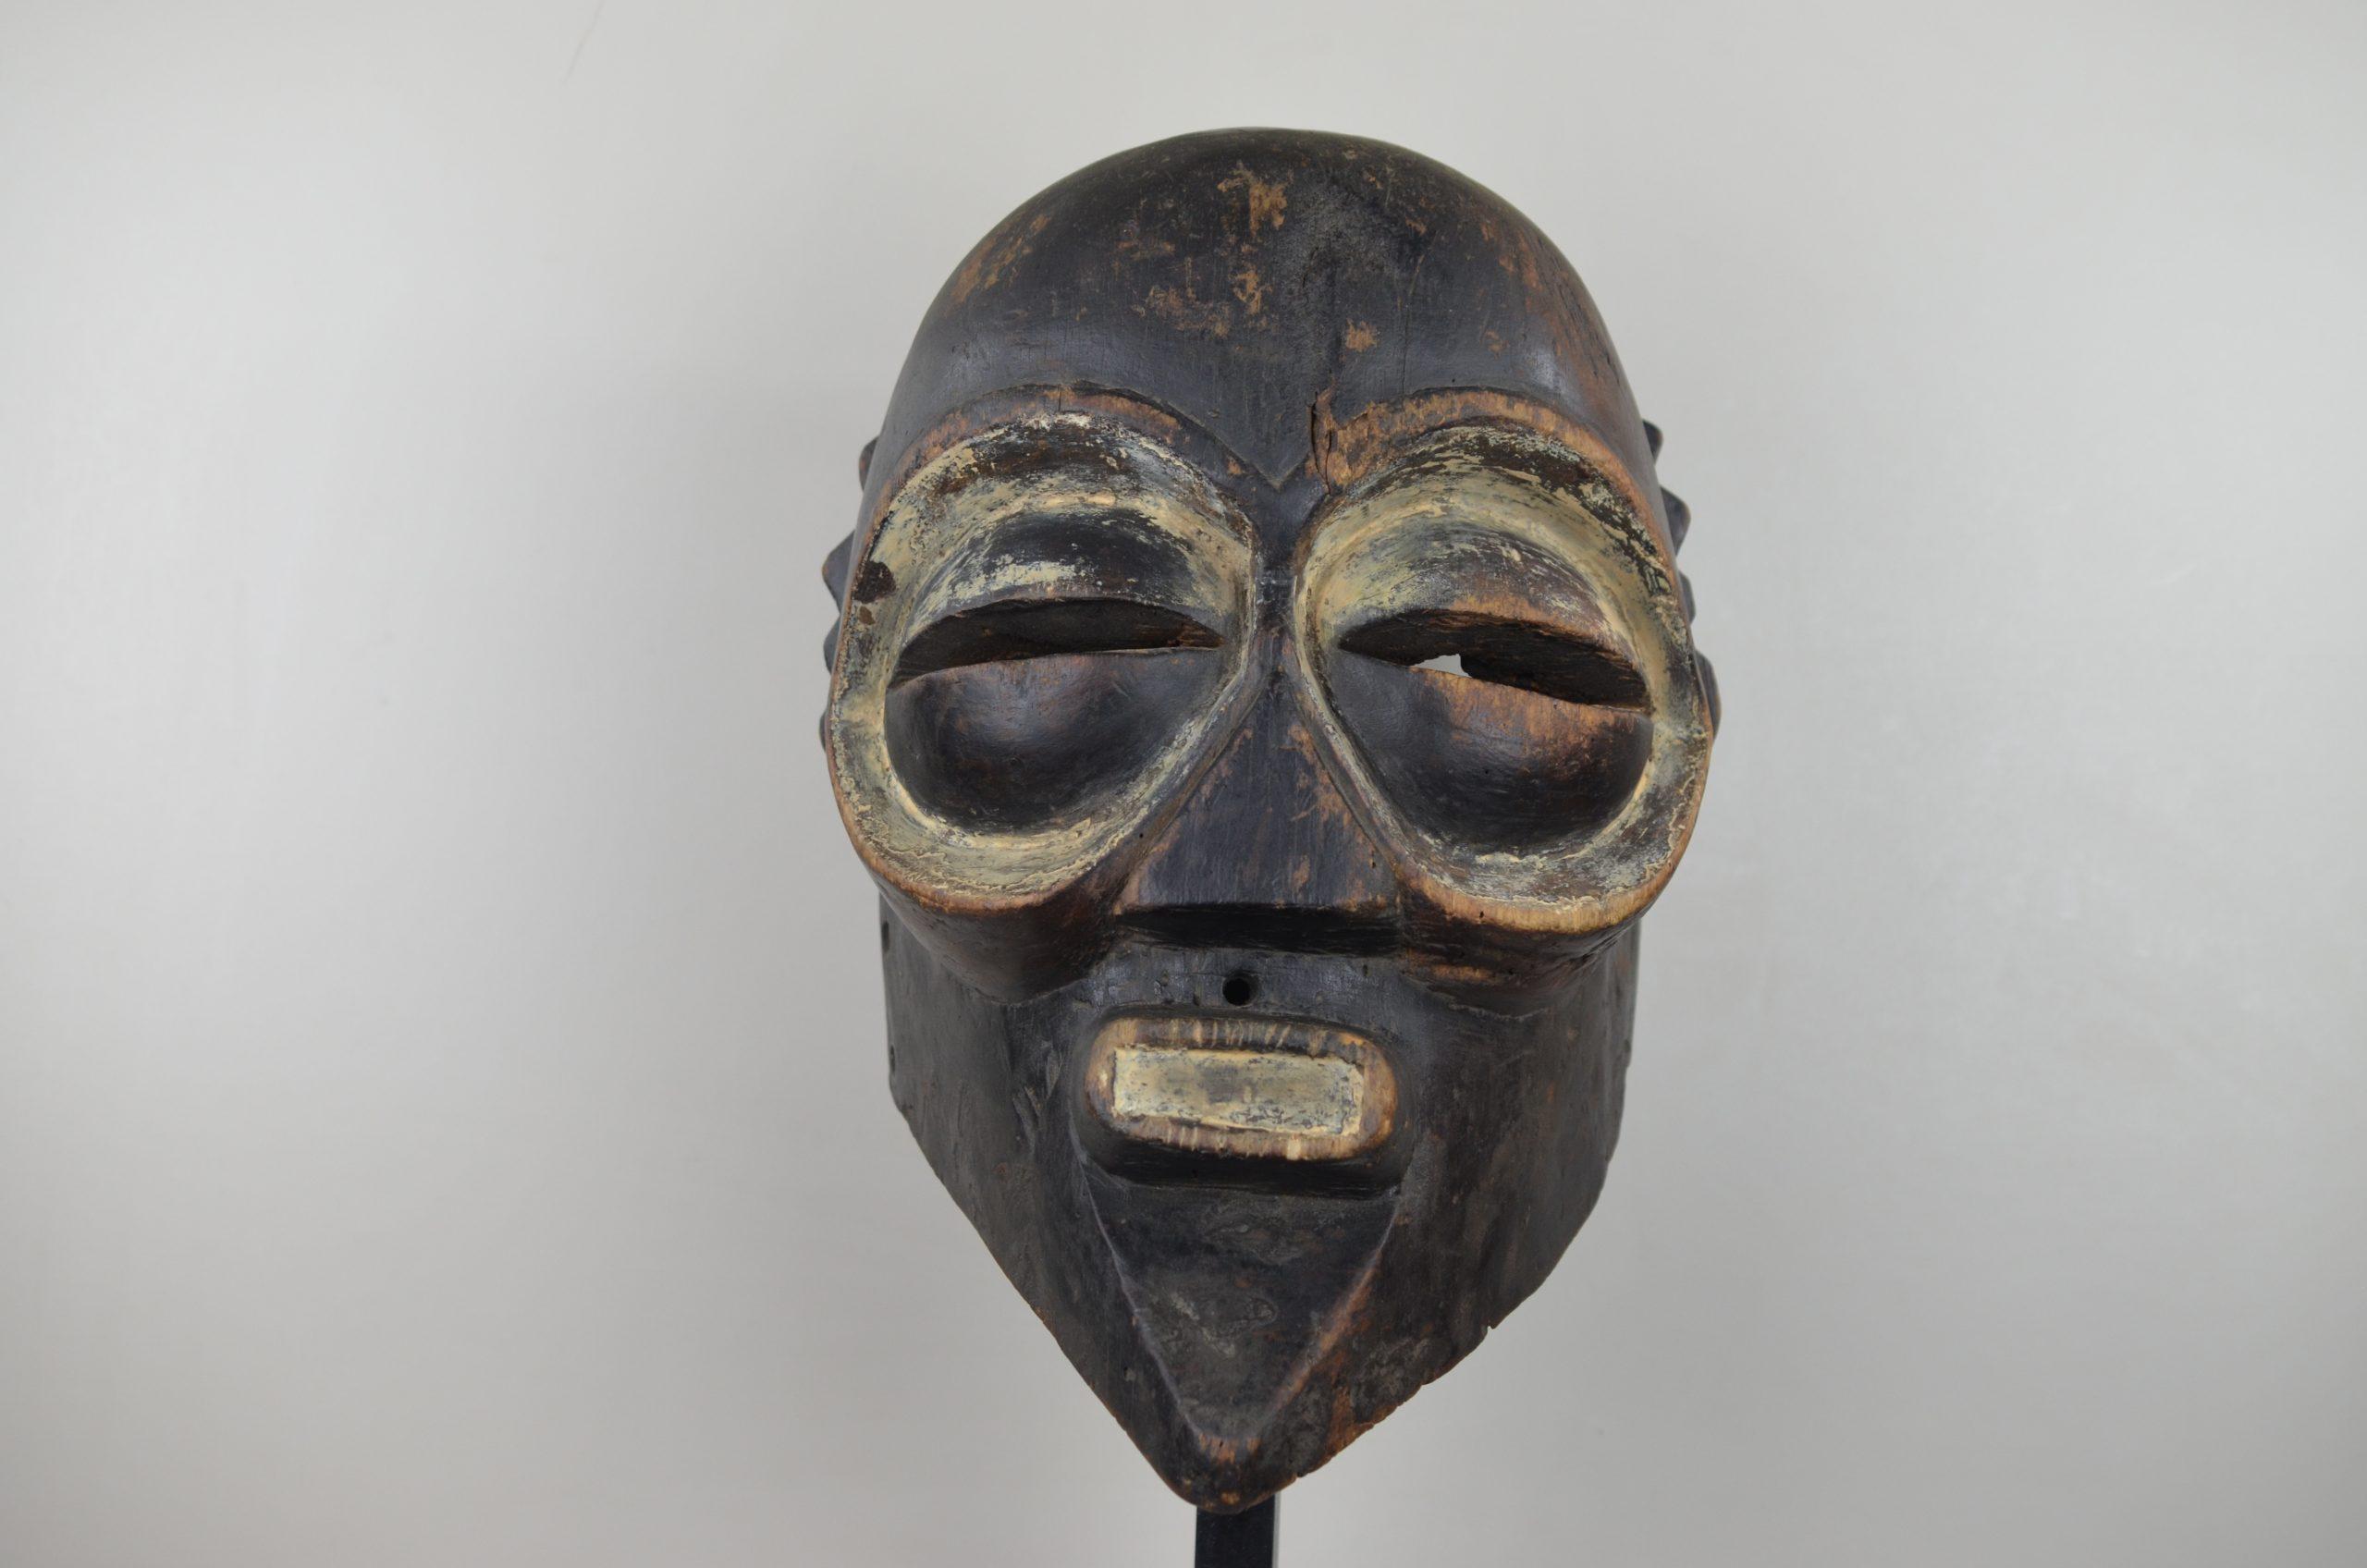 Mbagani masque 1